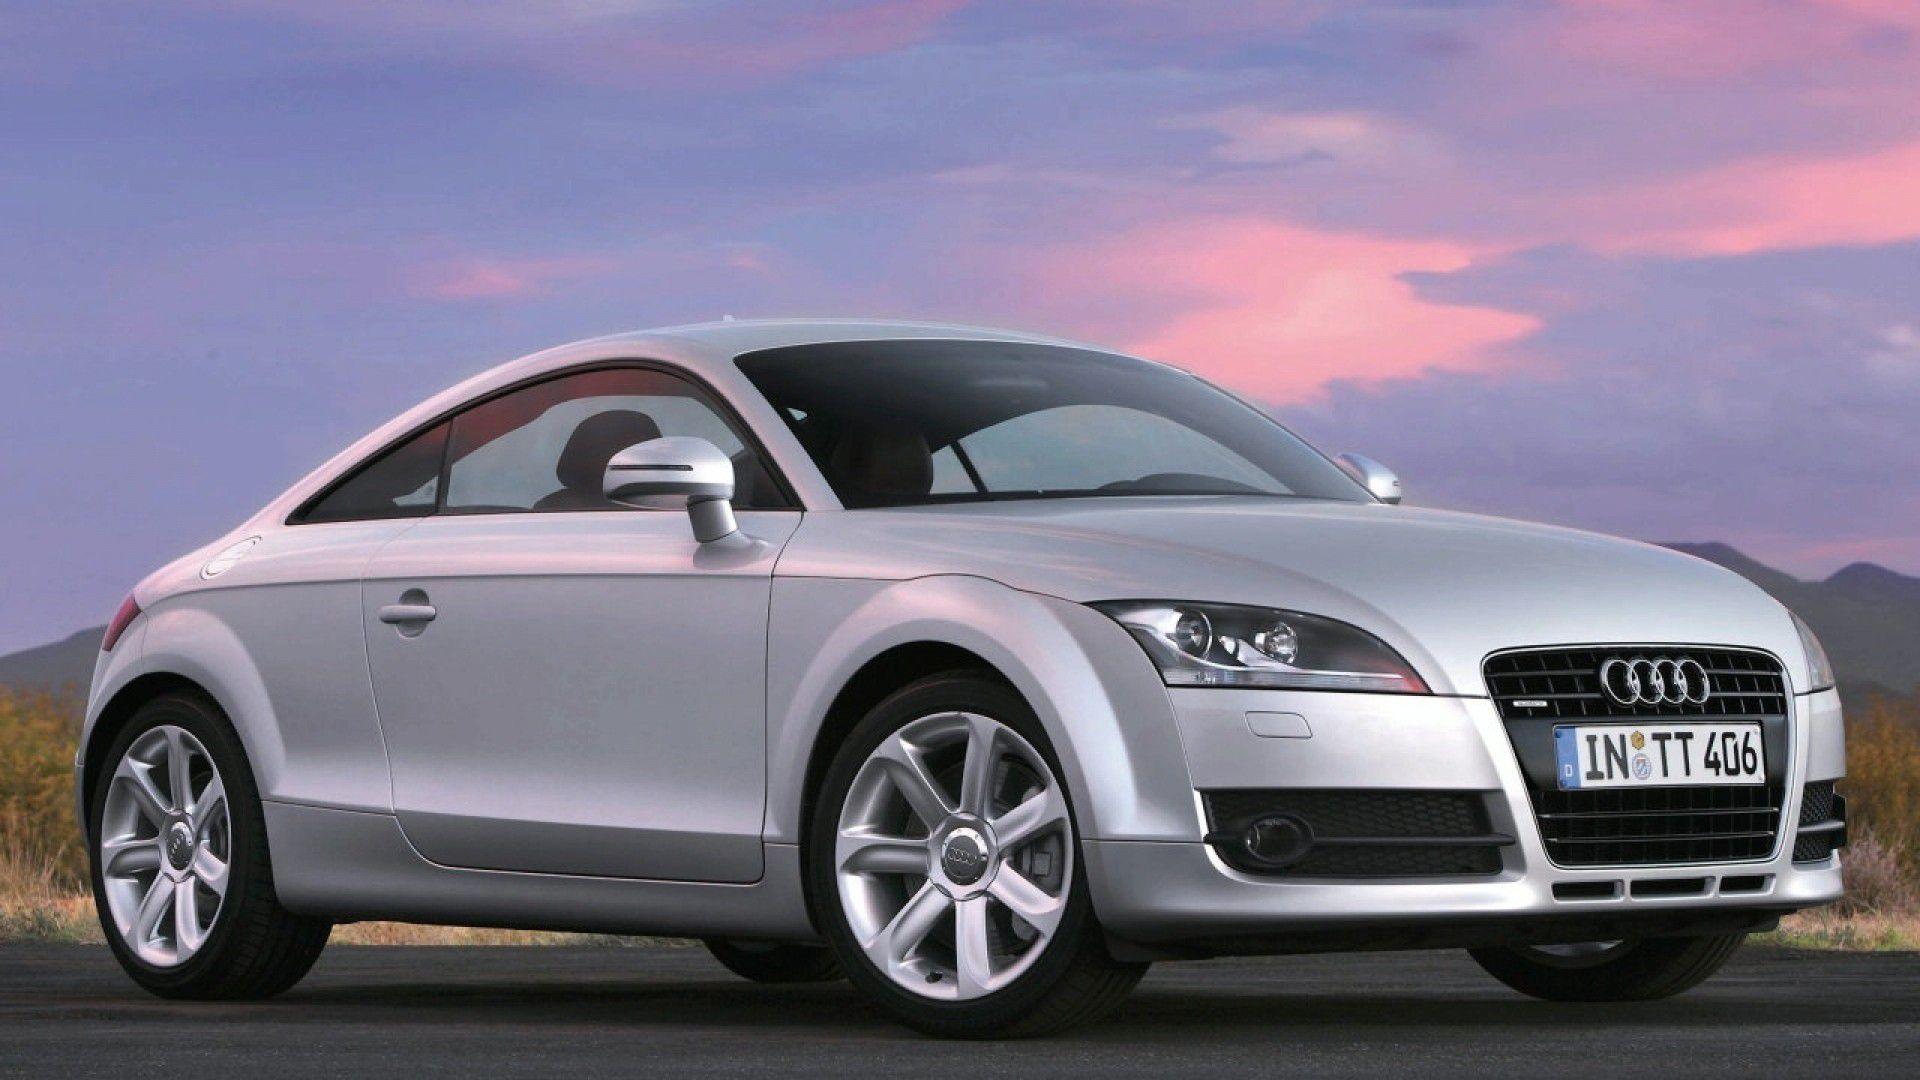 Kelebihan Audi Tts 2008 Spesifikasi